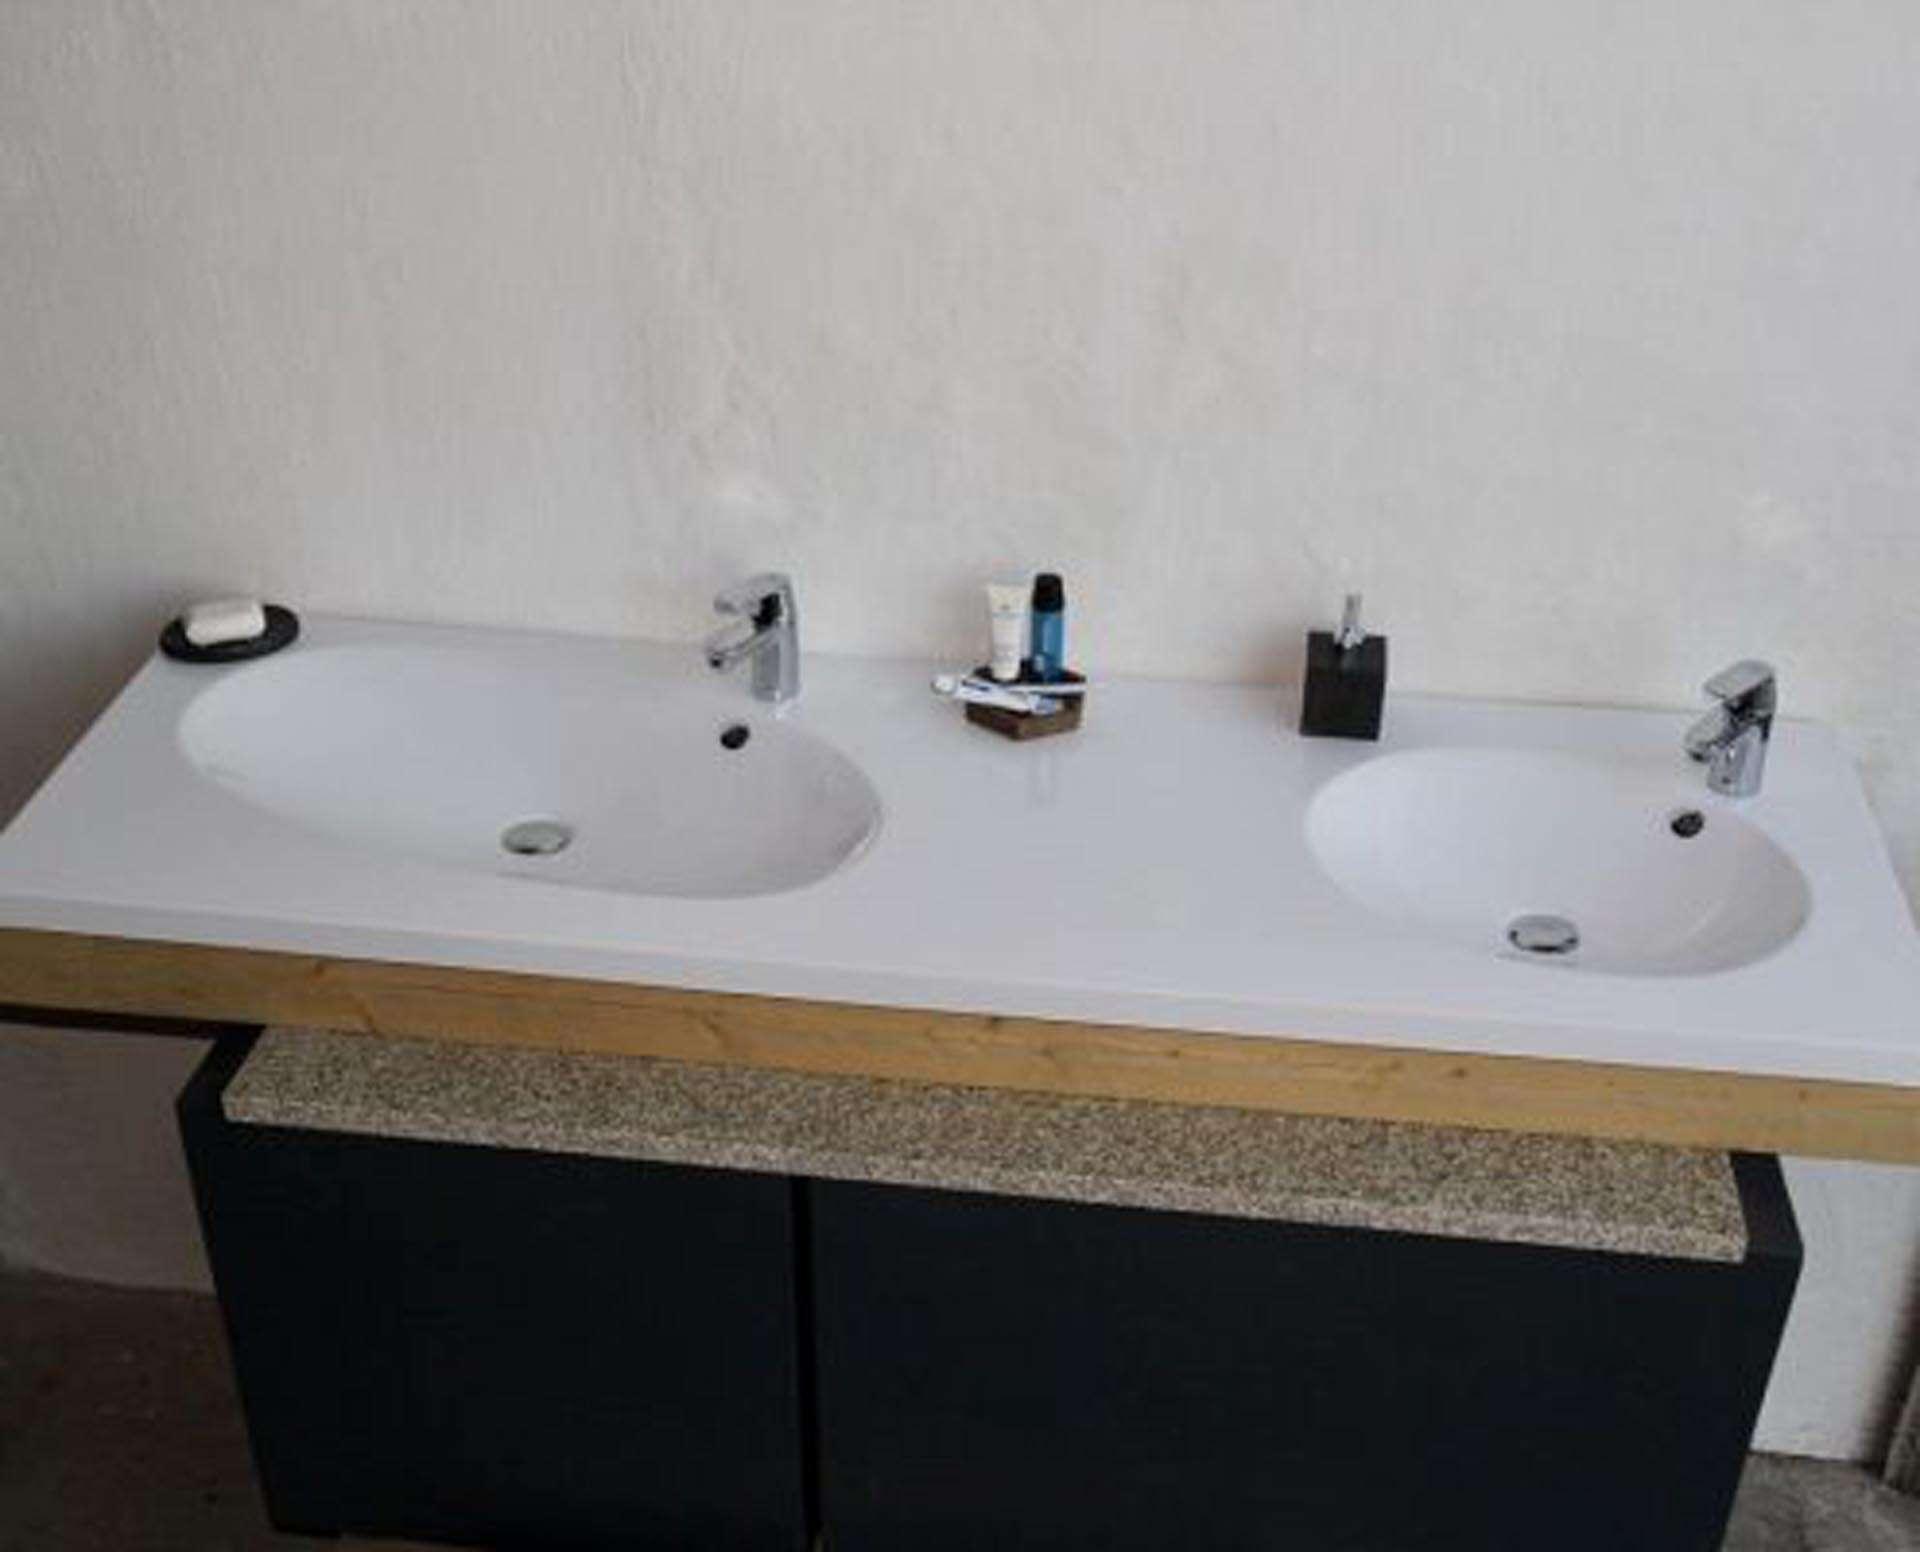 Flot designhåndvask i Kunstmarmor (Top-Solid). Vasken er lavet i hvid højglans komposit, som gør den meget nem at holde ren. Vasken har målene: 183,2 x 54,5 x 4 cm. Vasken tåler alle former for rengøringsmidler. Vasken skal stå på et skab. Køb et af vores tre slags åbne ophæng til slimlinevaske eller se vores guide til hvilket skab, der passer til og hvor du kan købe det. Vasken er hensynsmæssigt designet med fine rundinger, som både giver vasken et eksklusivt udtryk og gør den rengøringsvenlig. Vasken vedligeholdes med voks - vi anbefaler en behandling med vores egen naturvoks ID12002 et par gange om året for at opnå optimalt look.